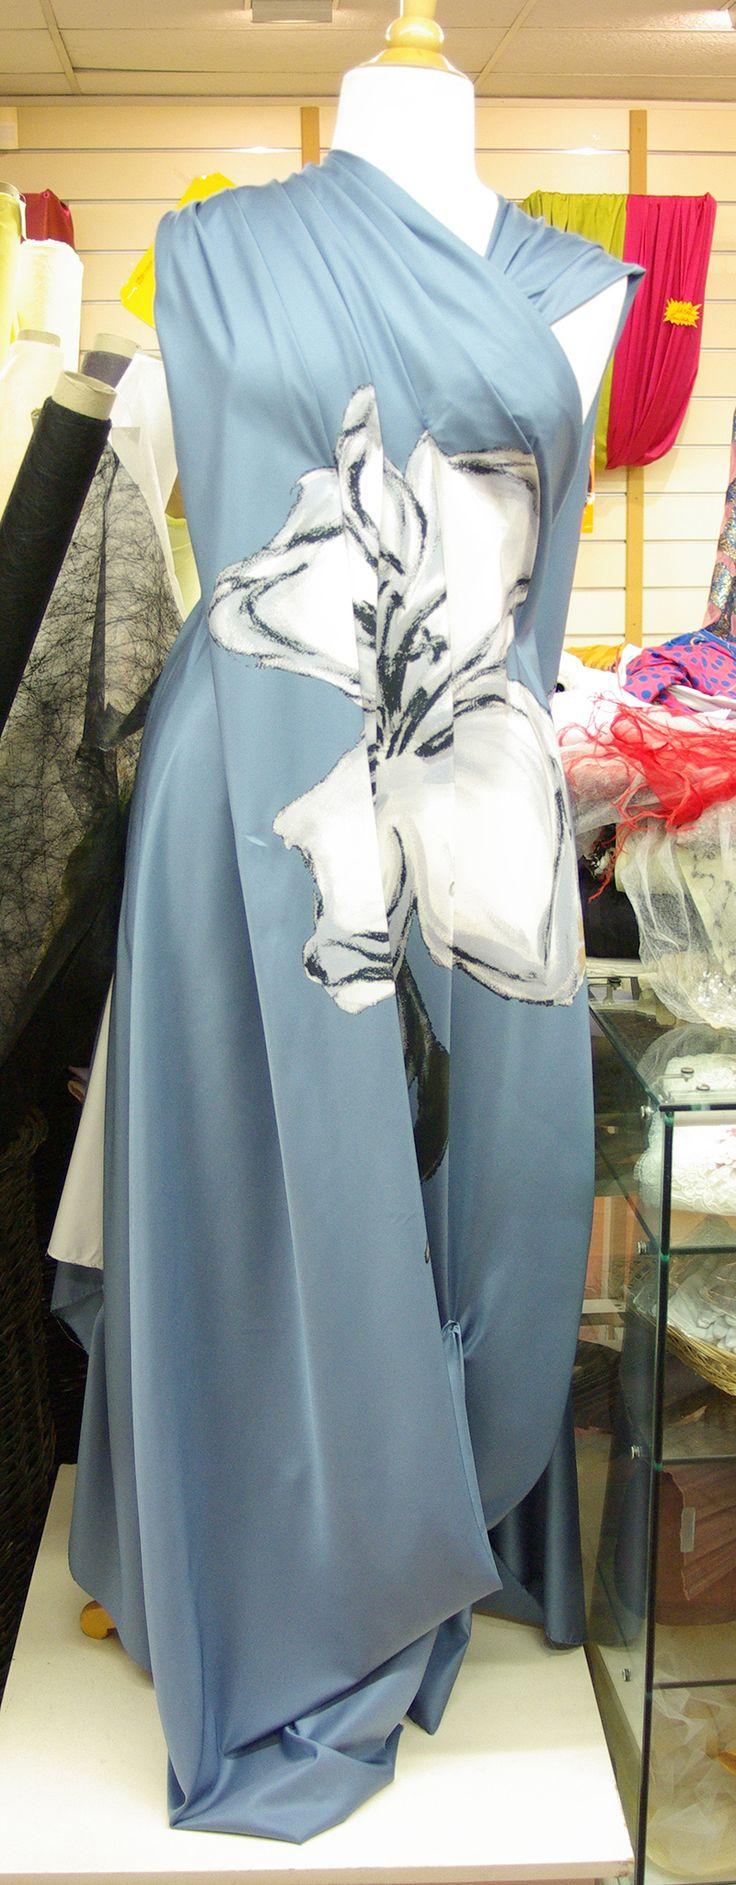 Un tissu agréable et discret pour toutes vos créations : Chemisier, robe, jupe, blouse ... Il est disponible au rayon Couture & Haute Couture de votre magasin Ellen Décoration.